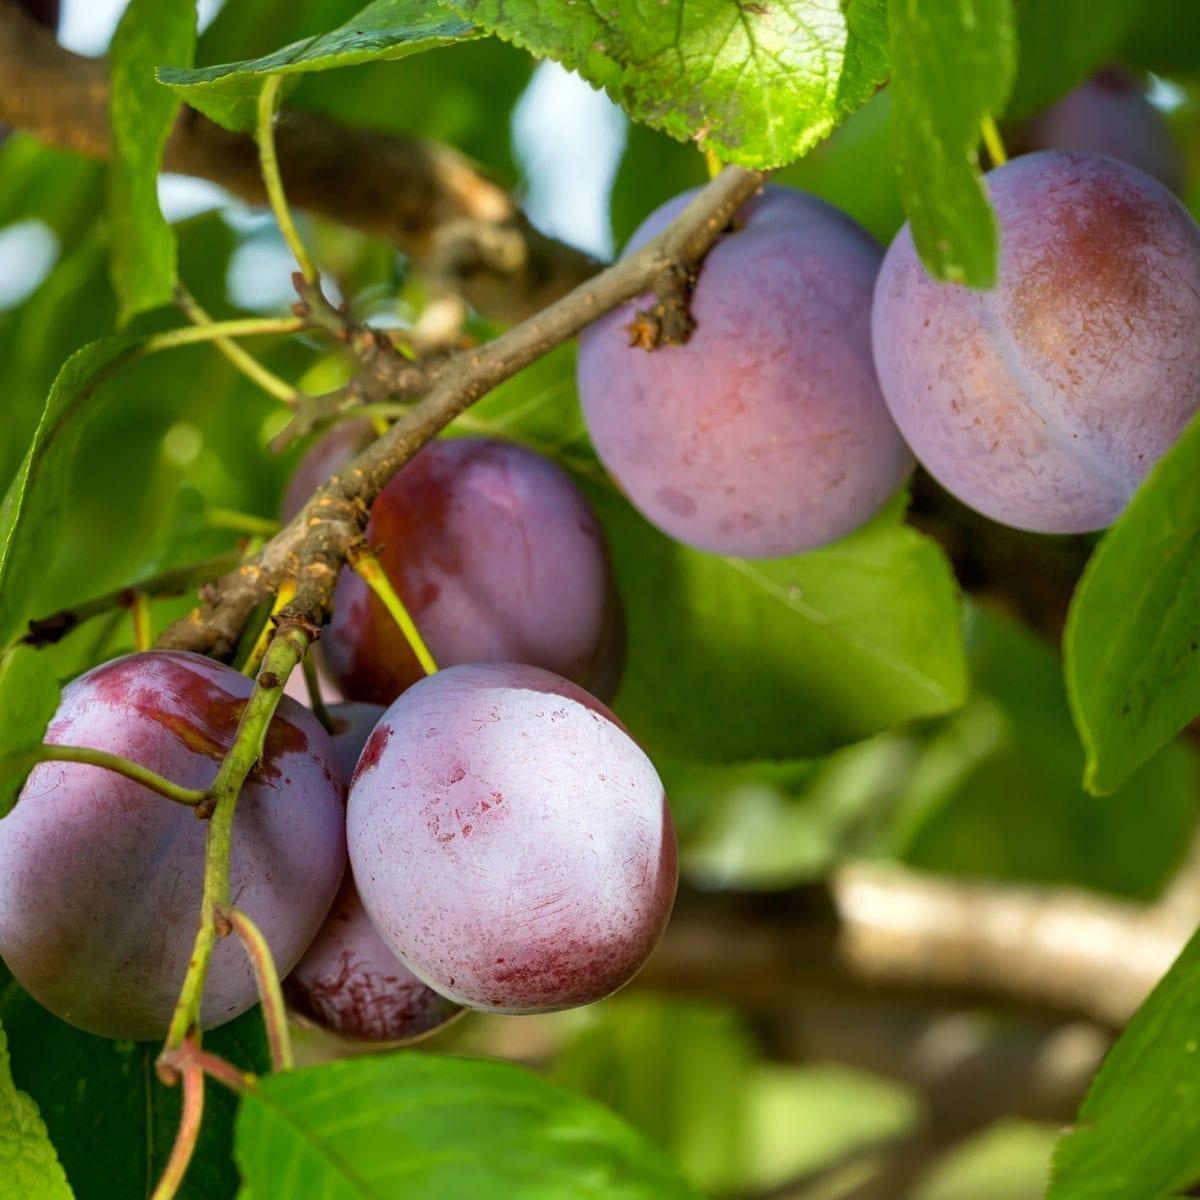 boskoopsefruitbomen   Pruim vrucht